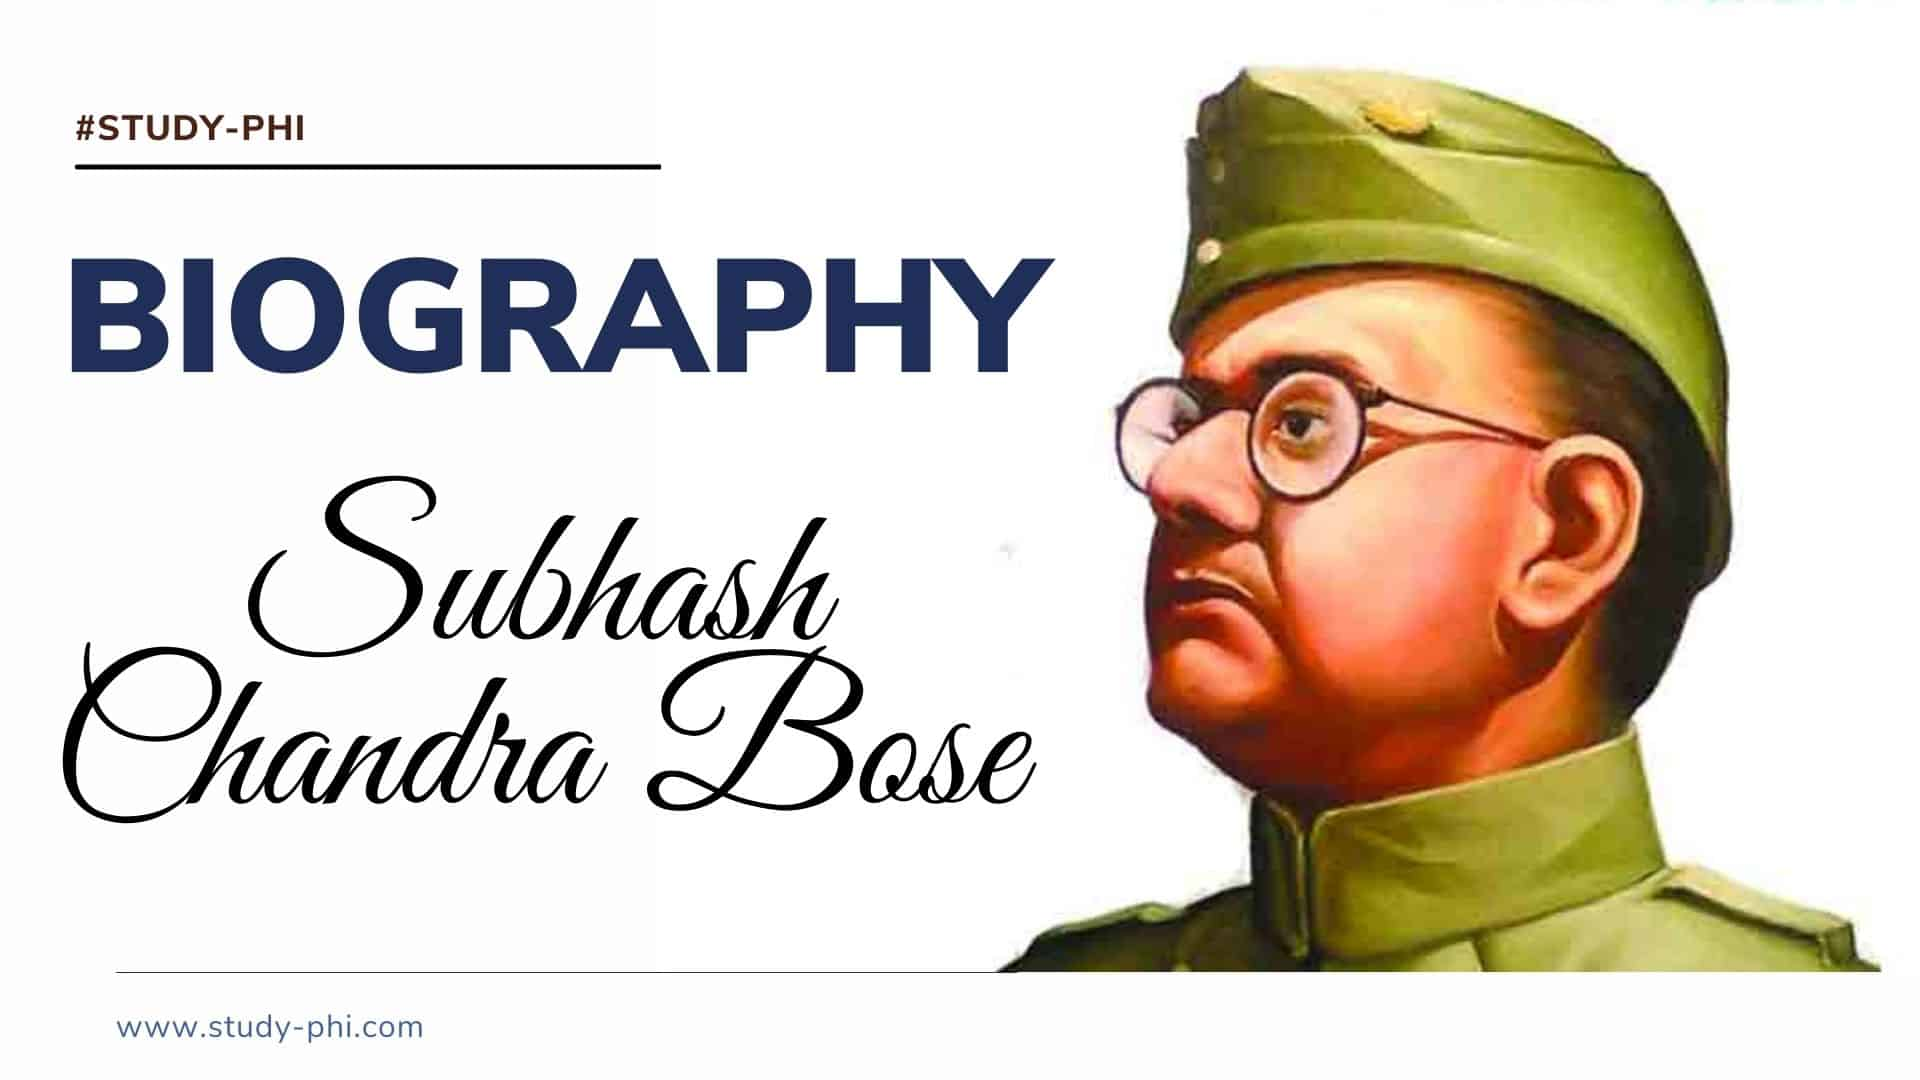 biography subhash chandra bose